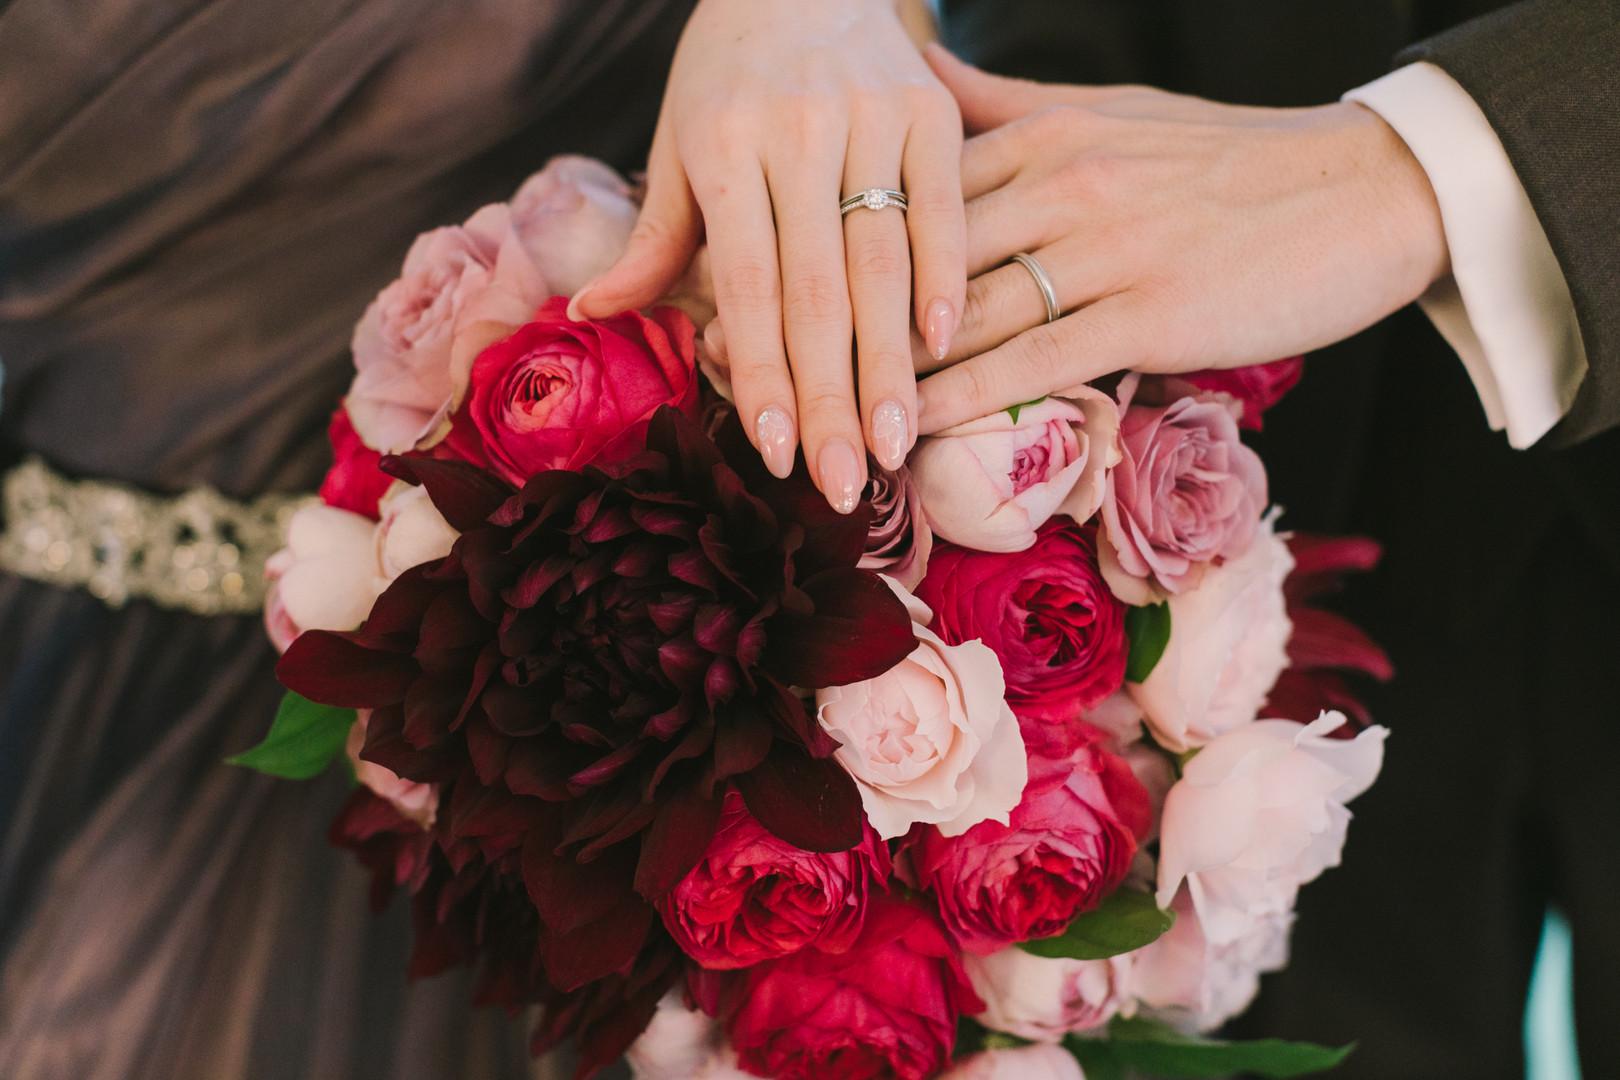 こっくりとした色合いの大輪のダリアにラズベリー色や落ち着いた色あいのピンクのオールドローズを合わせたクラッチブーケ。ドレスの色に合わせたシックで華やかなブーケです。